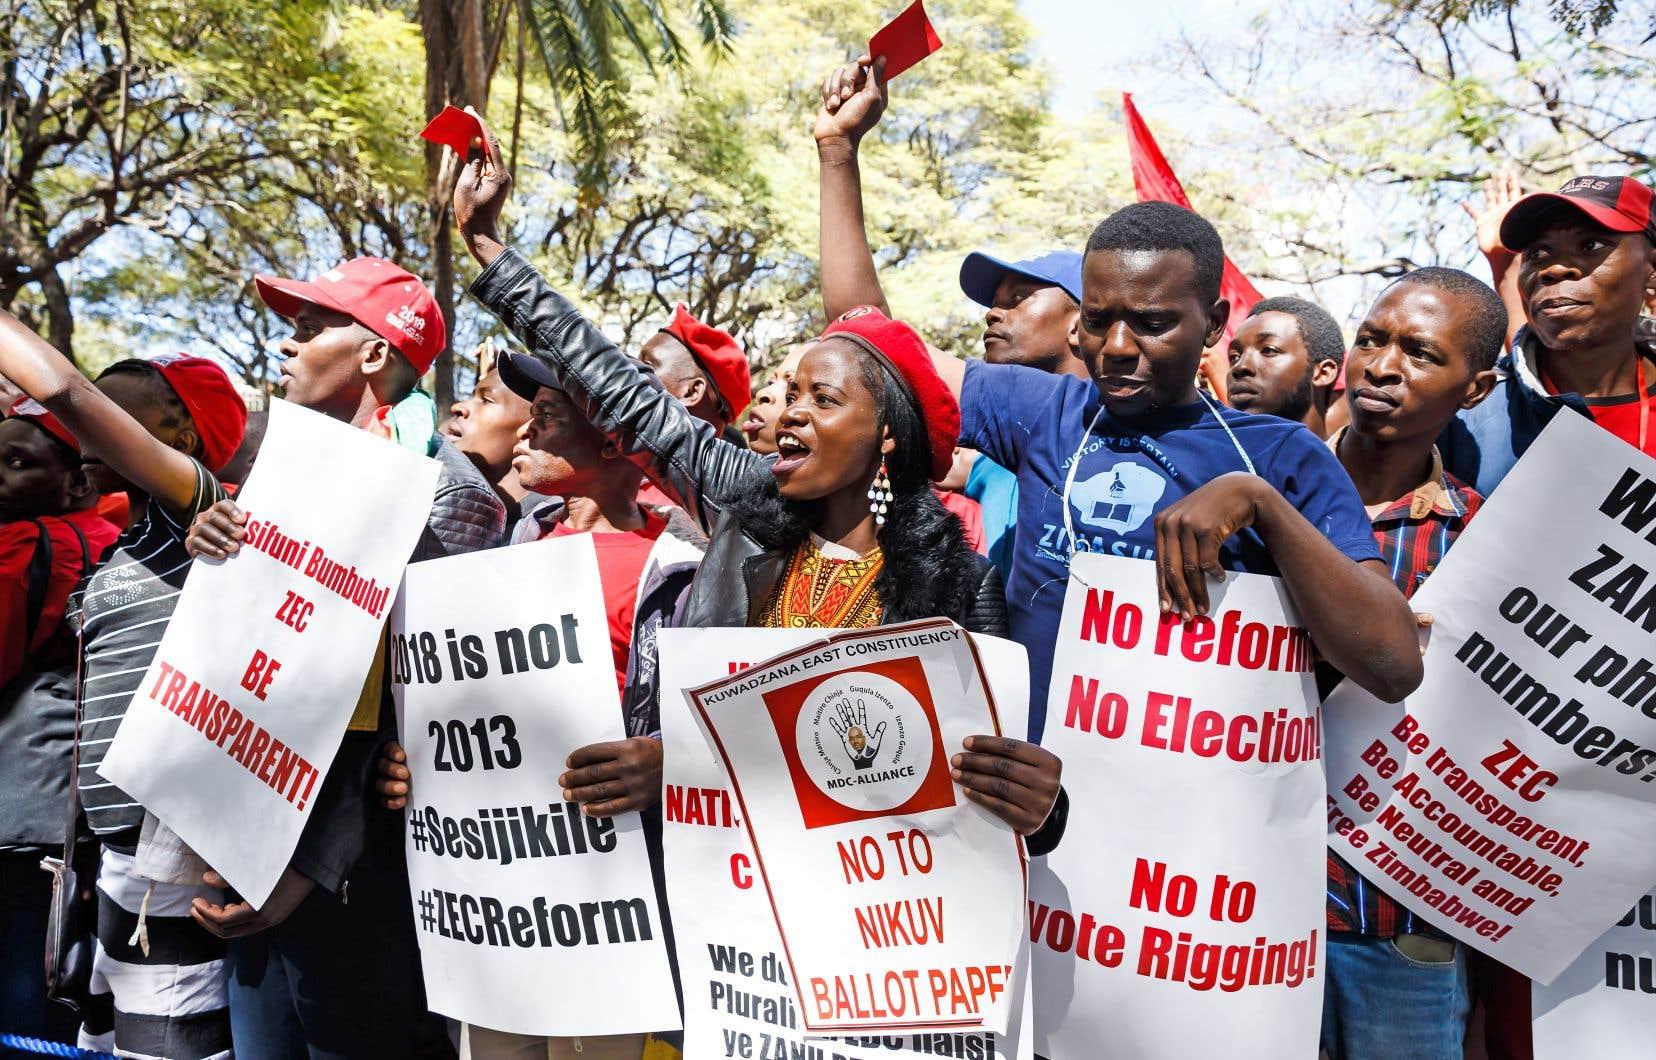 Des partisans du Mouvement pour un changement démocratique ont manifesté à Harare mercredi.